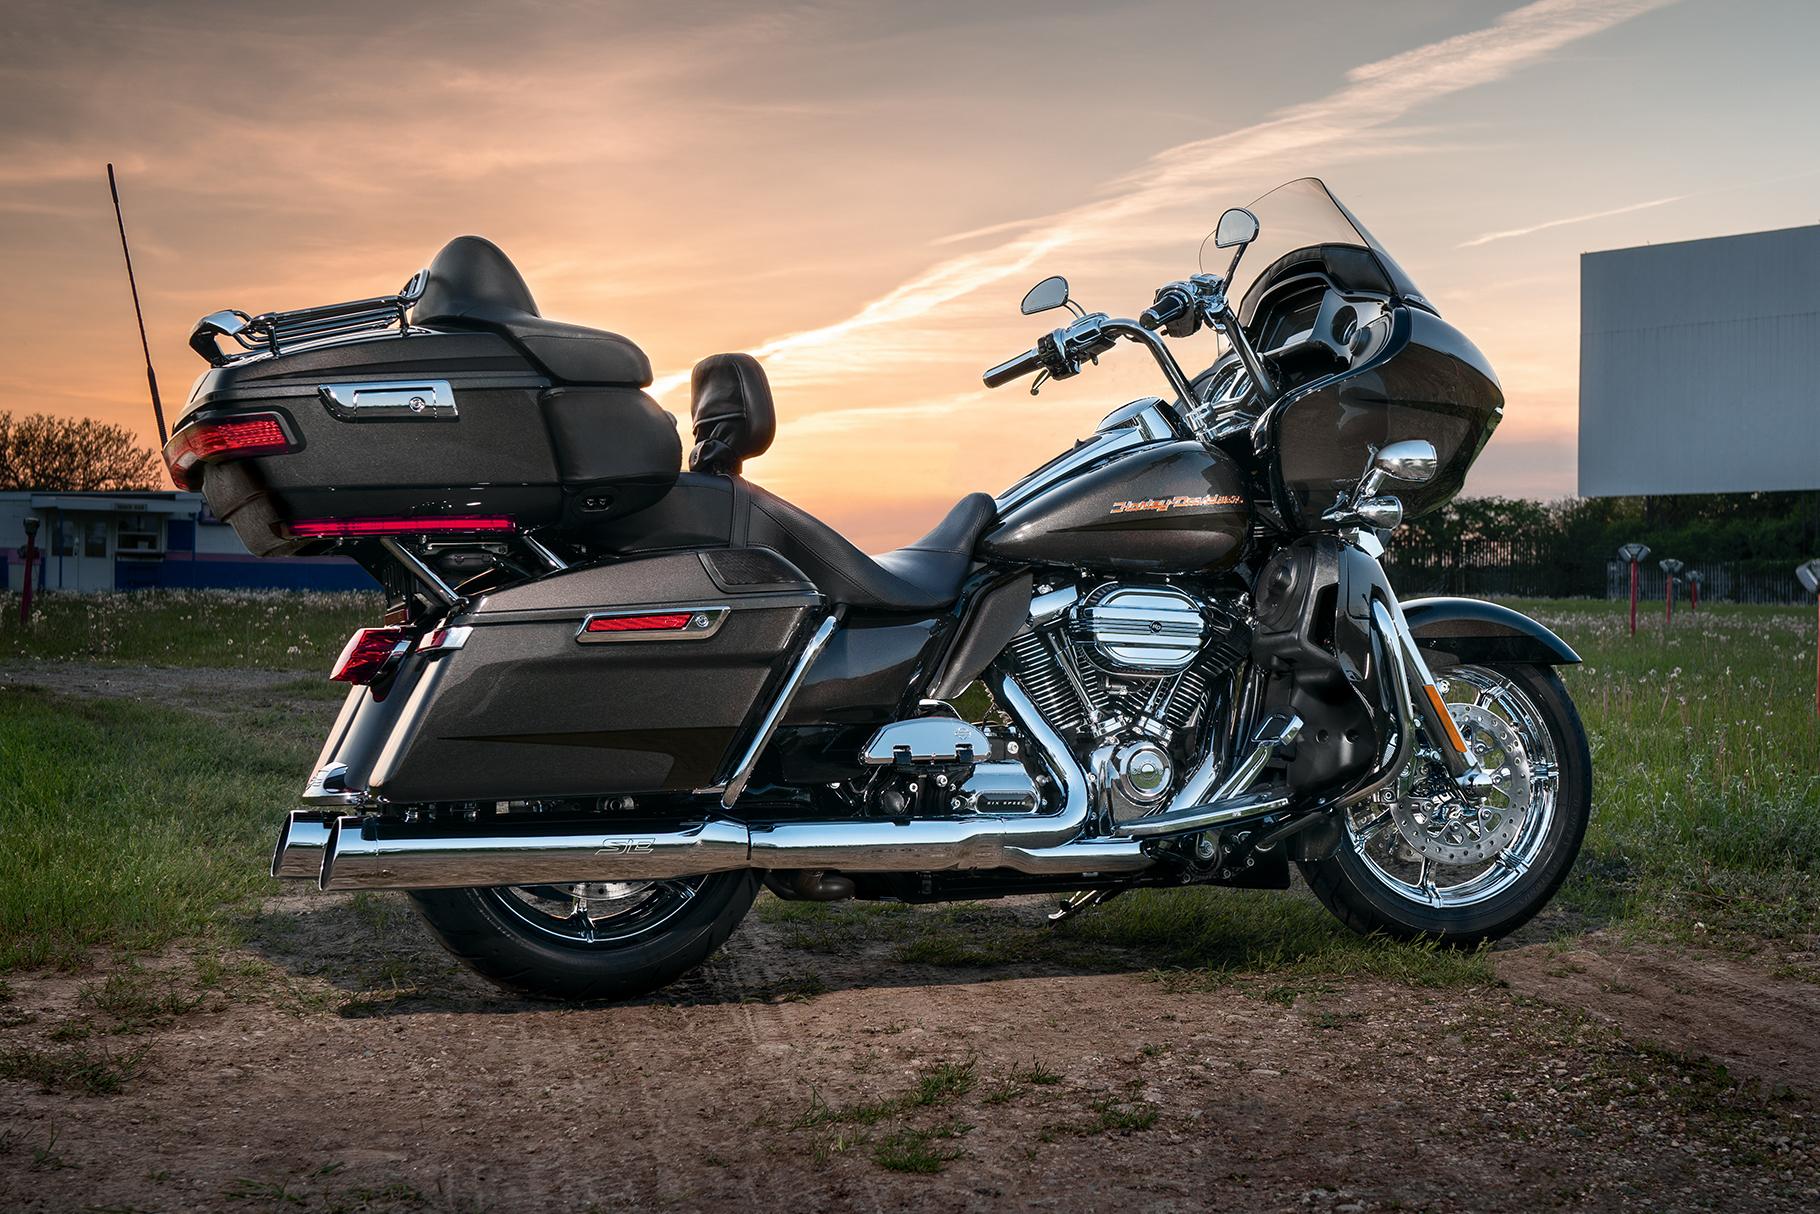 2019 road glide ultra motorcycle harley davidson usa. Black Bedroom Furniture Sets. Home Design Ideas